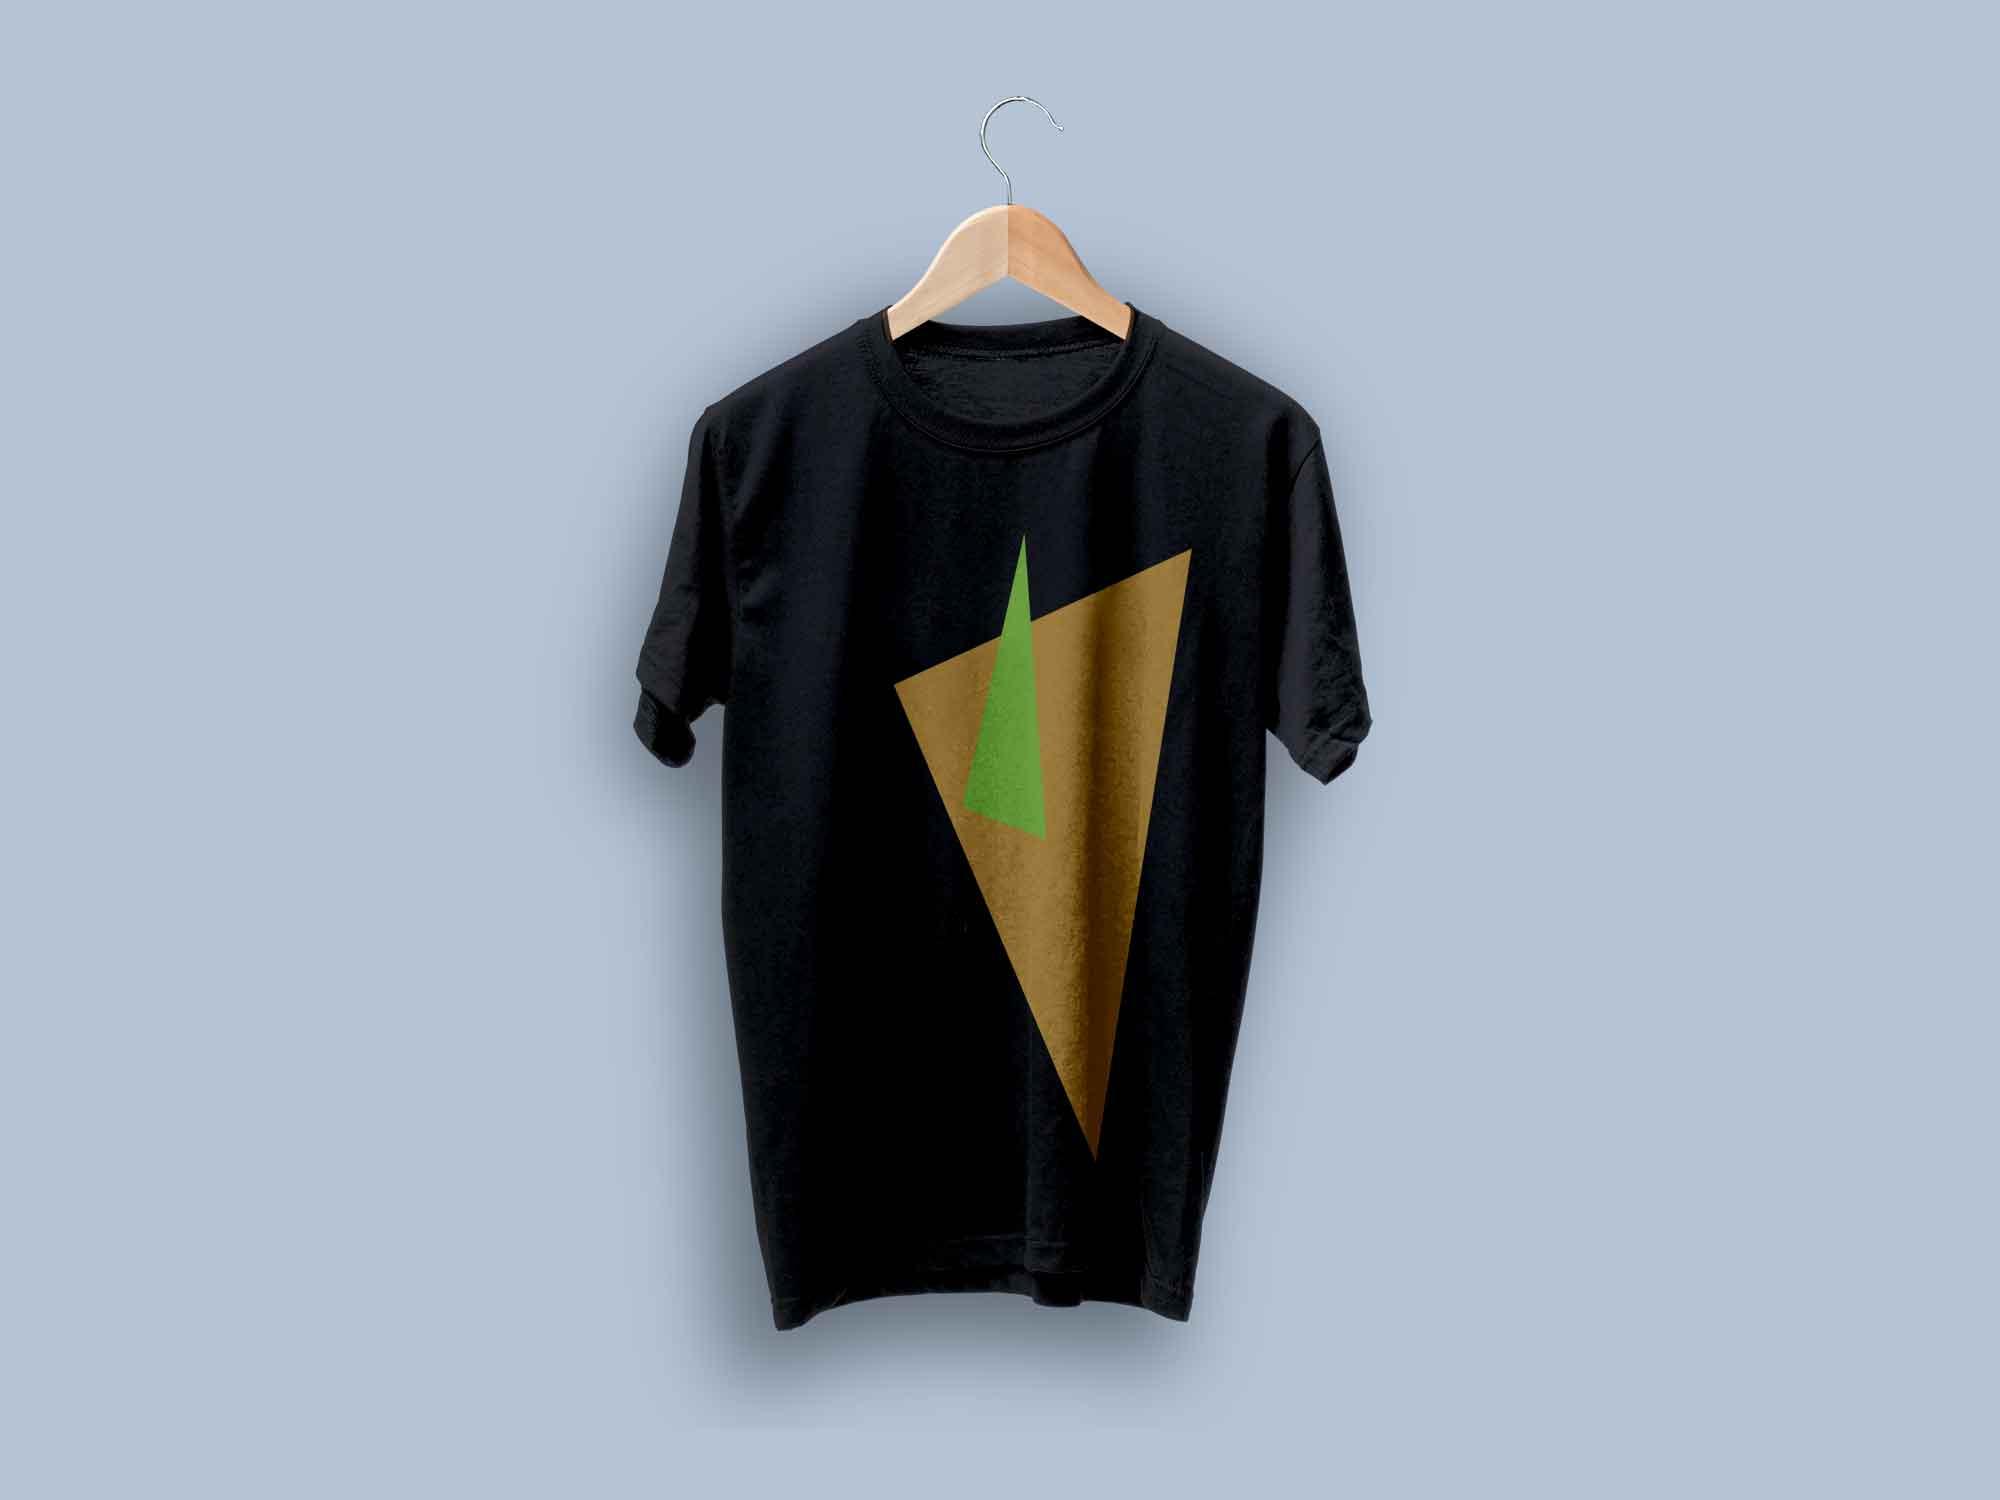 T-shirt Set on Hanger Mockup